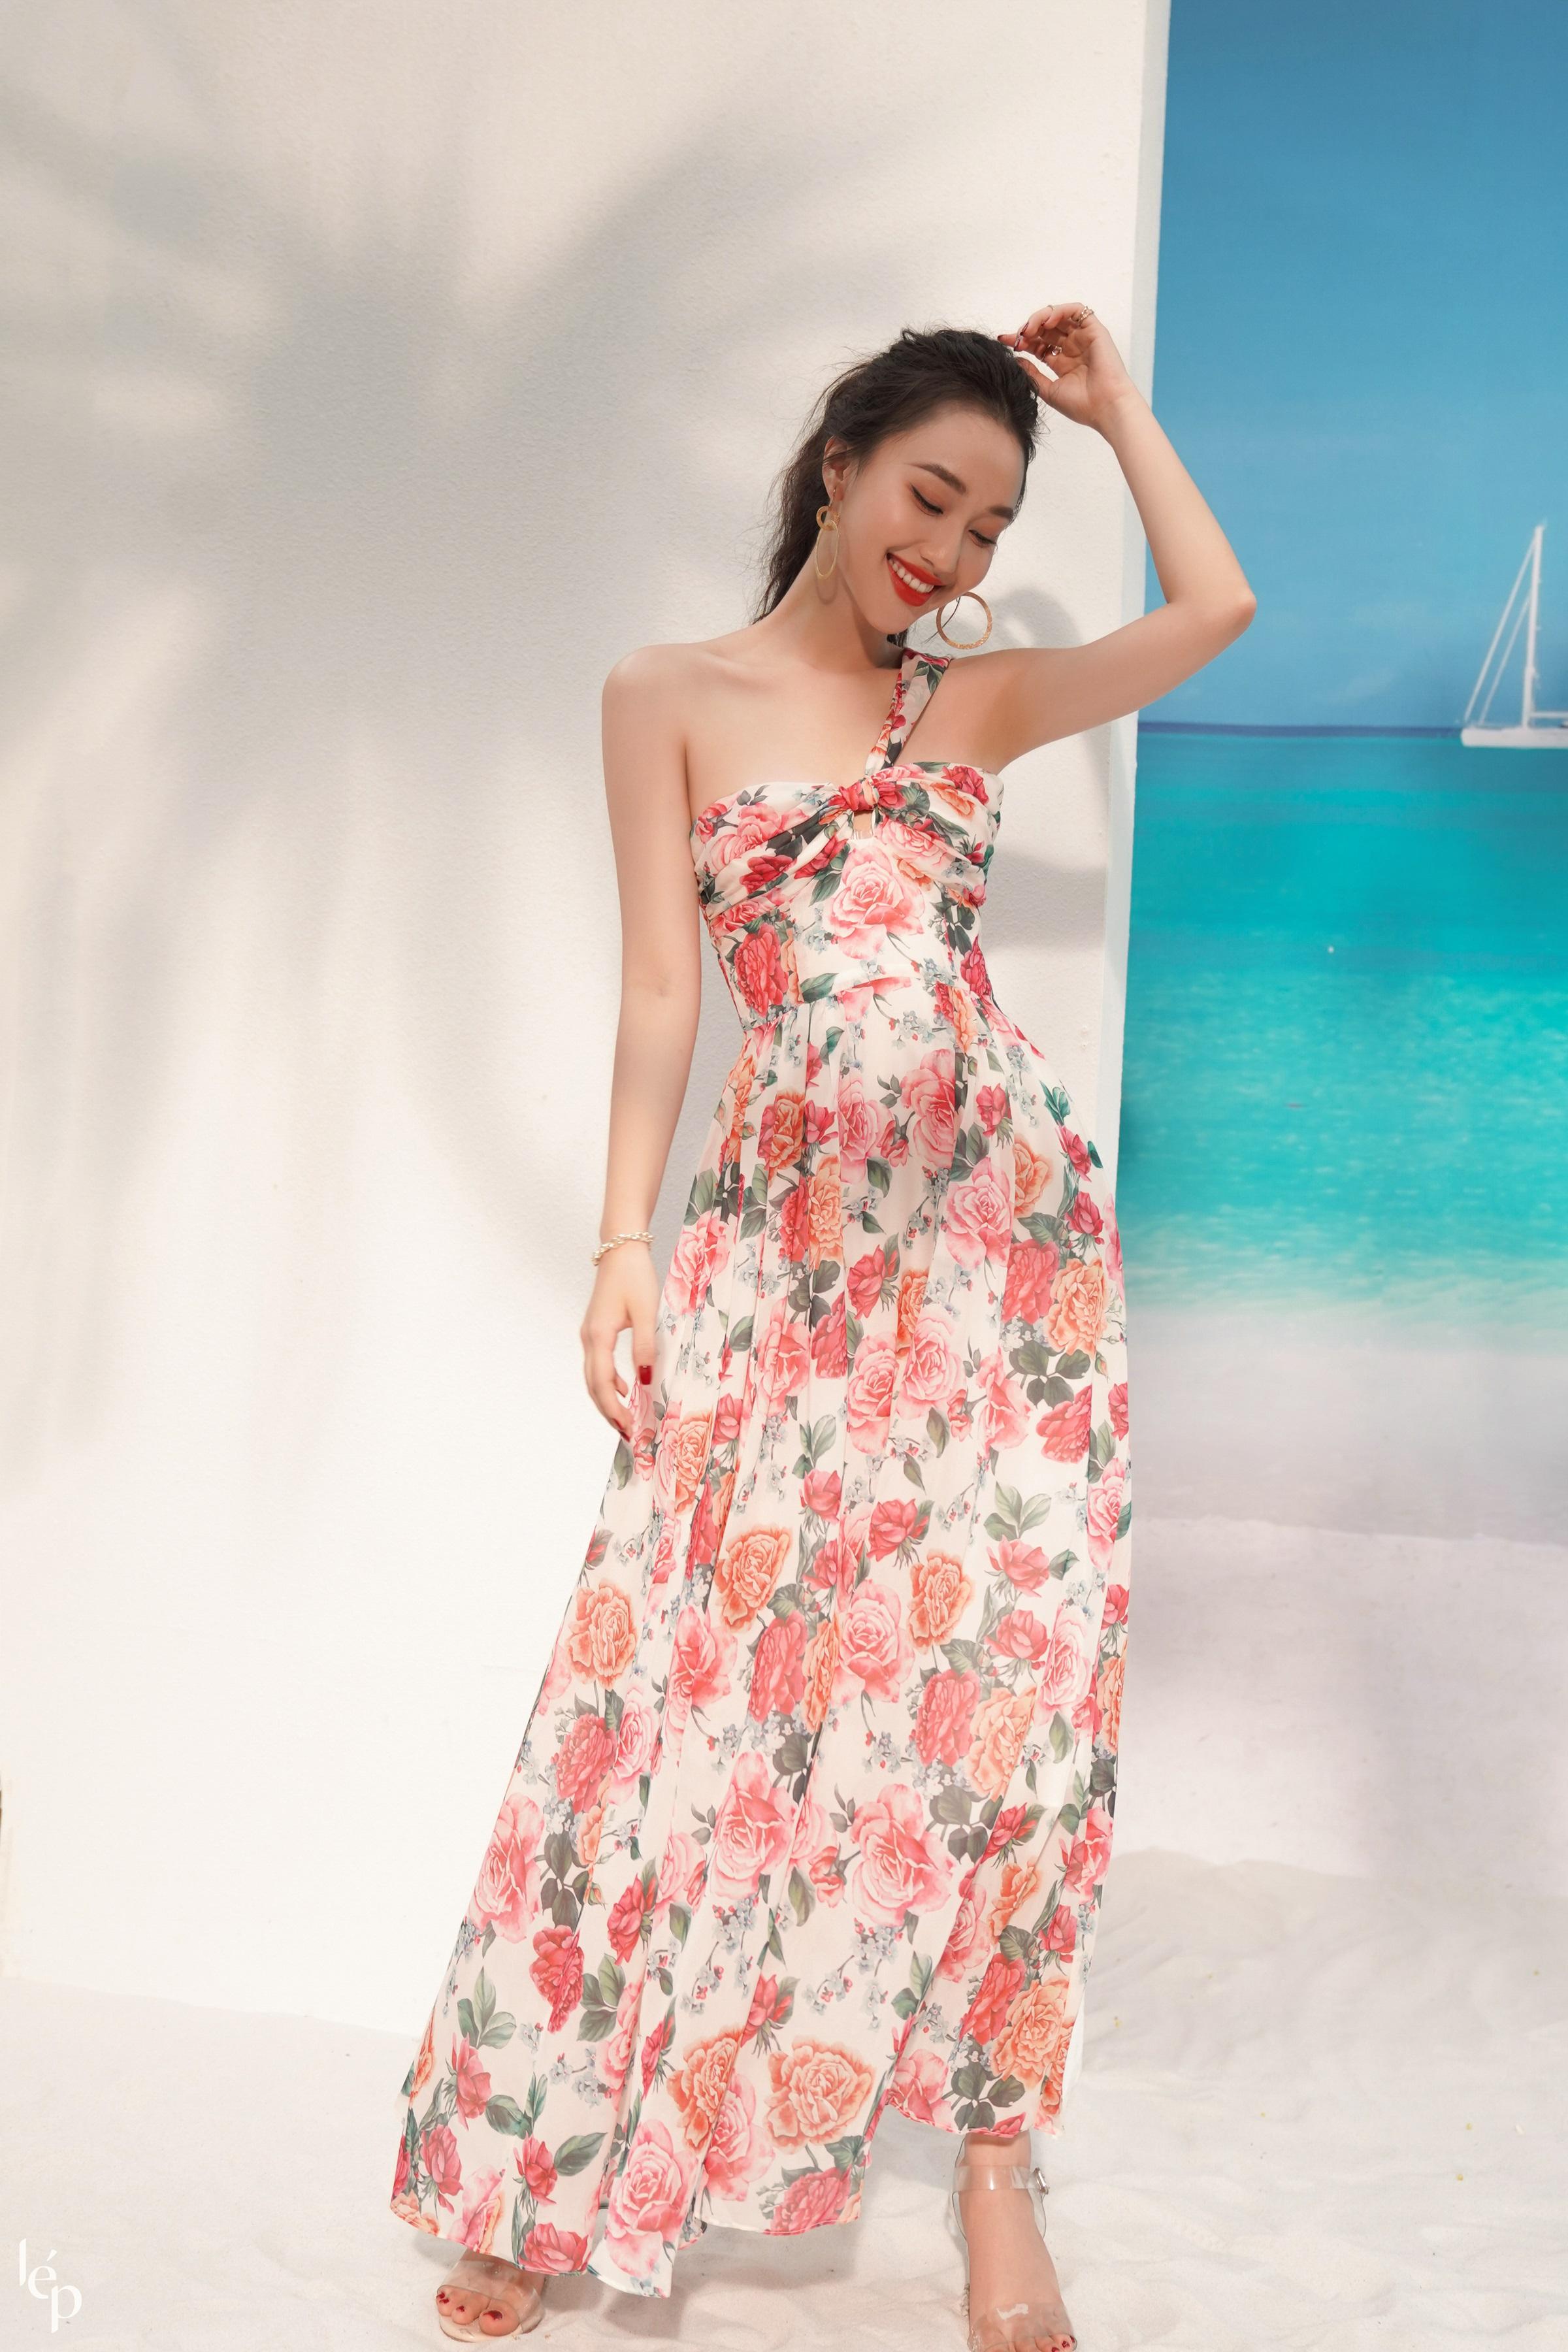 Nhiều trang phục có mang màu sắc rực rỡ và họa tiết nổi bật, tăng phần tự tin, quyến rũ cho phái nữ. Thiết kế thích hợp với những bữa tiệc ngoài trời, trong khung cảnh biển xanh, cát trắng.